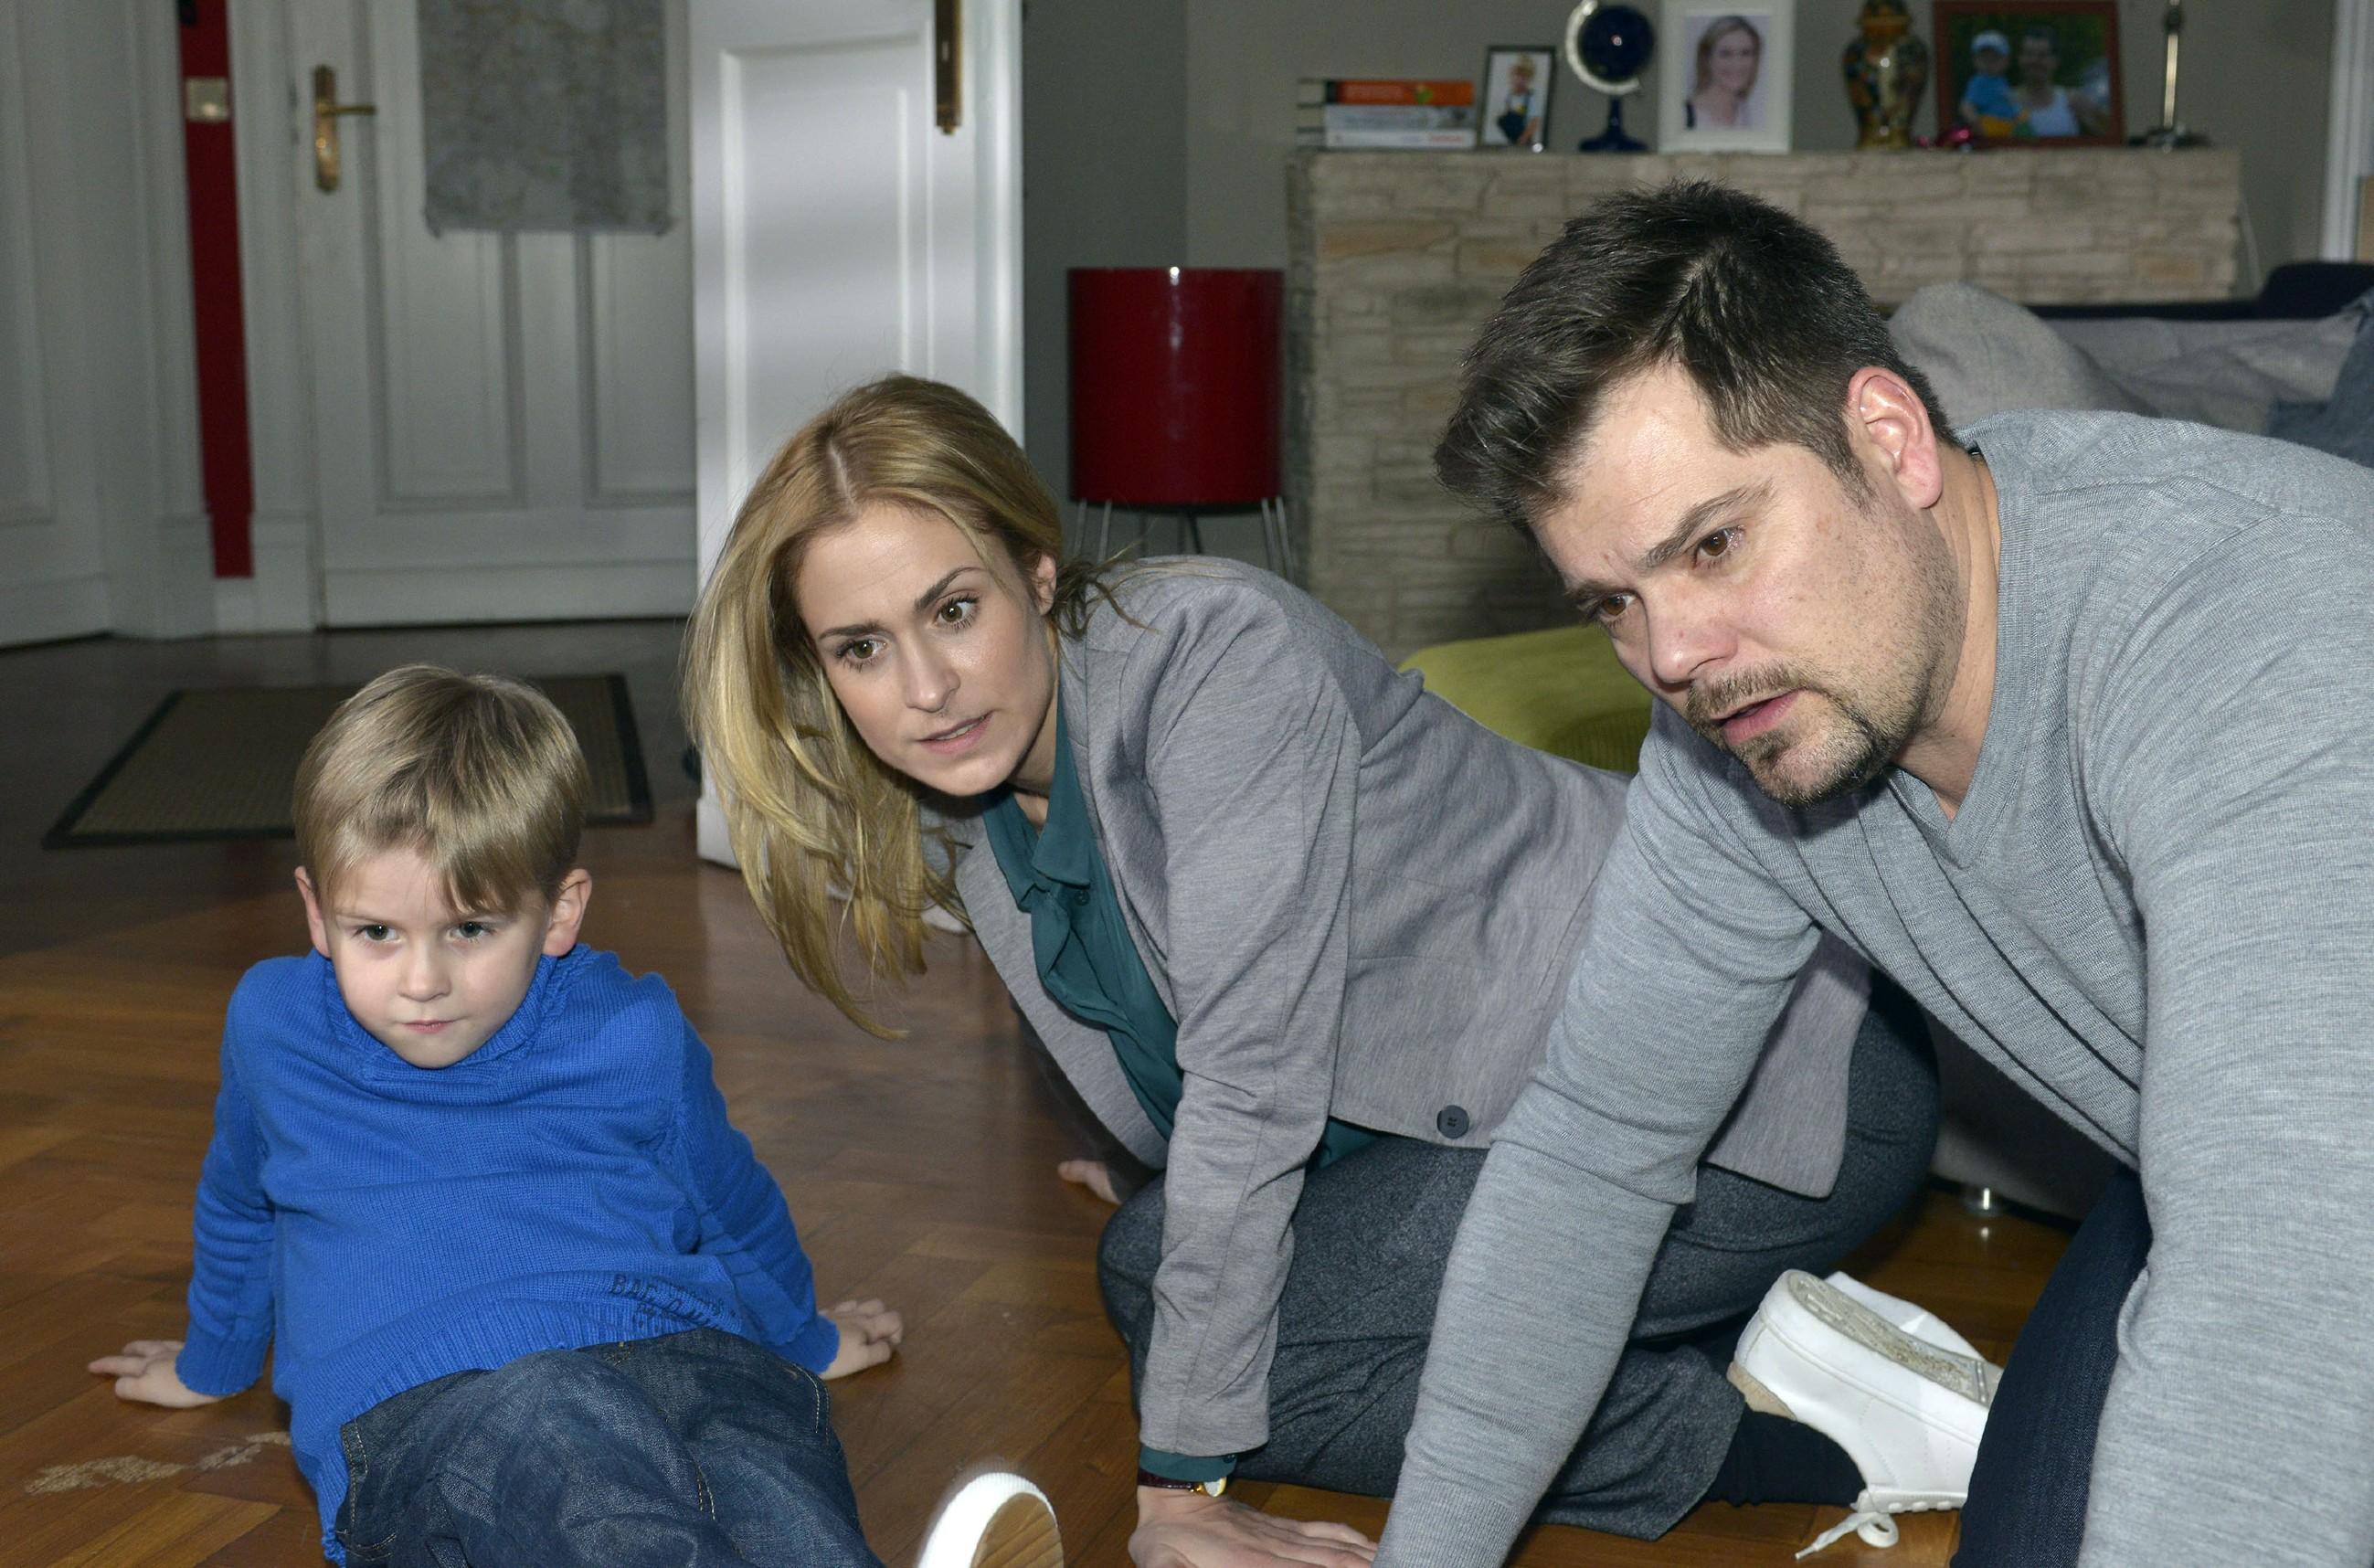 Oskars neuer Spielgefährte - ein Hamster - sorgt bei Leon (Daniel Fehlow) und Sophie (Lea Marlen Woitack) für einen turbulenten Familientag. (Quelle: RTL / Rolf Baumgartner)